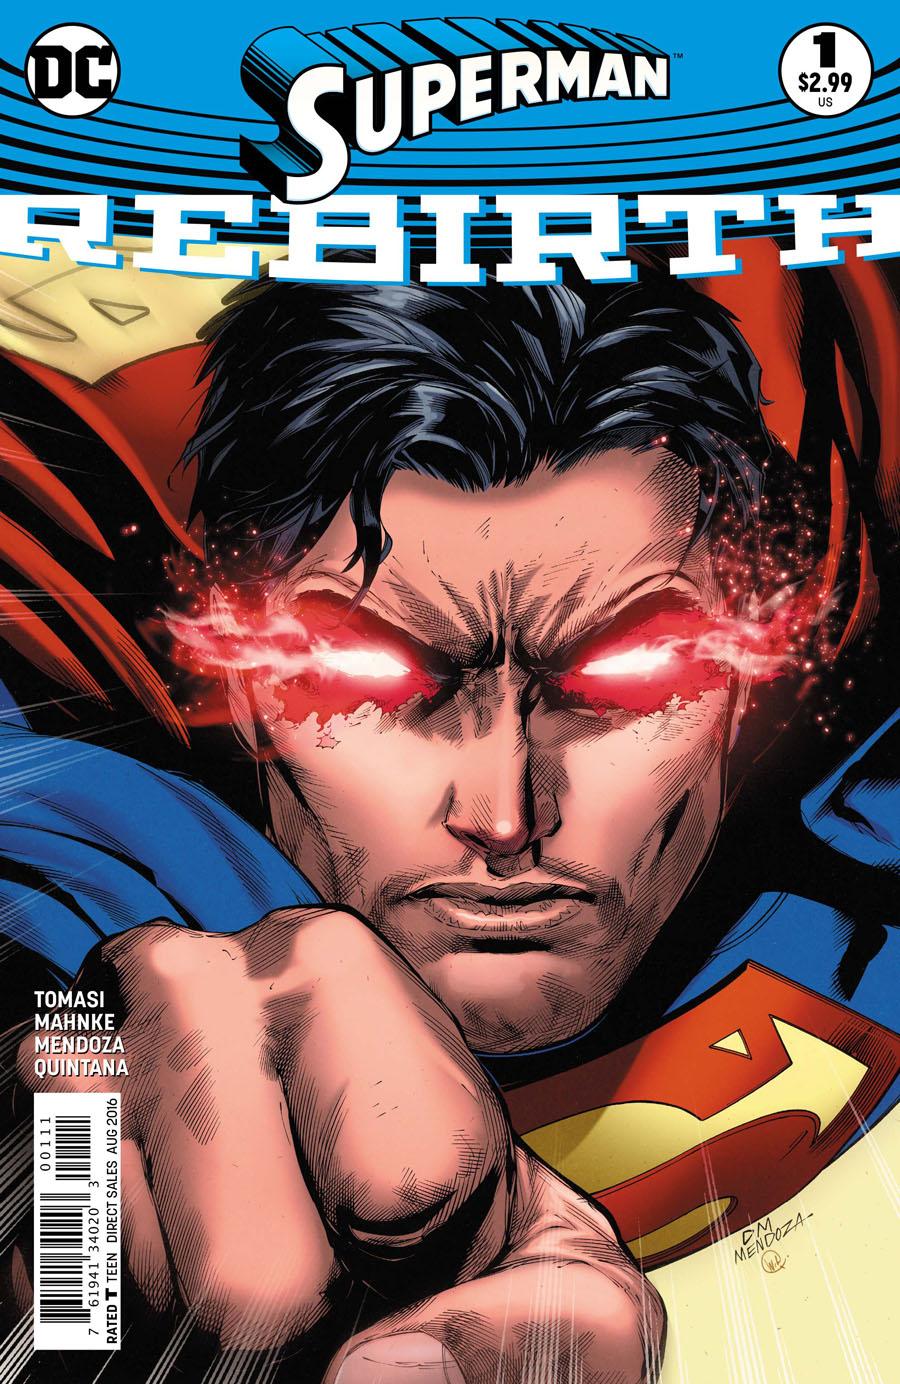 08-supermanrebirth01